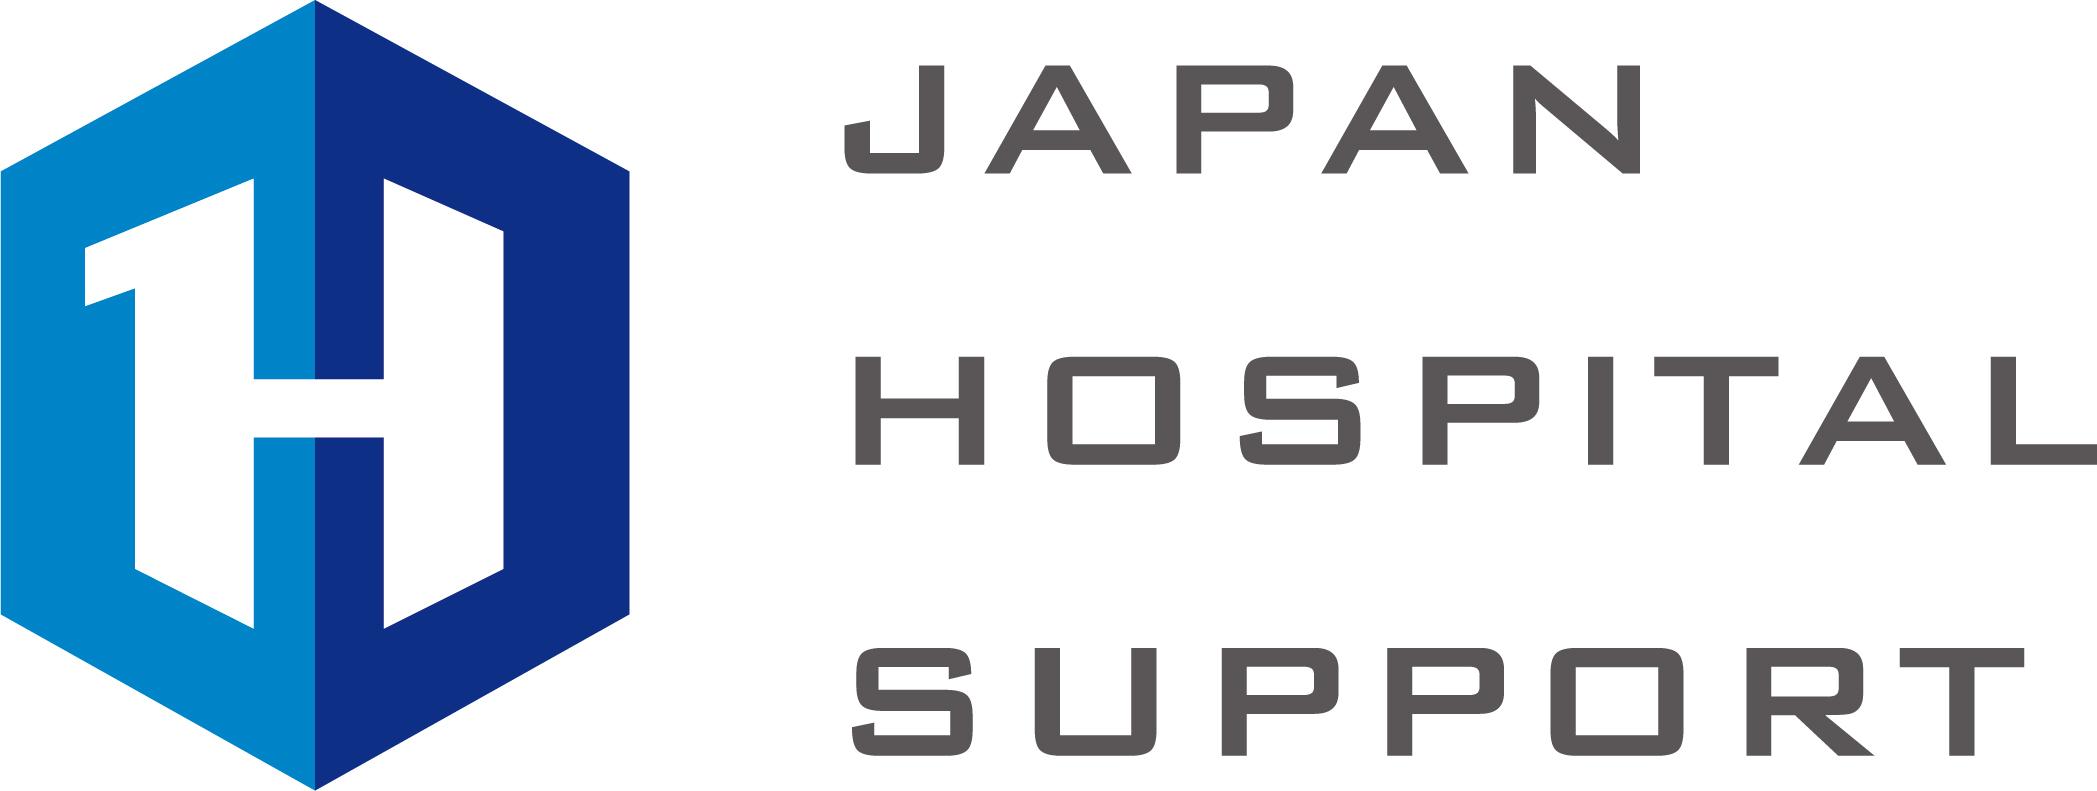 ジャパンホスピタルサポート|医療材料・医療機器のコスト削減の画像